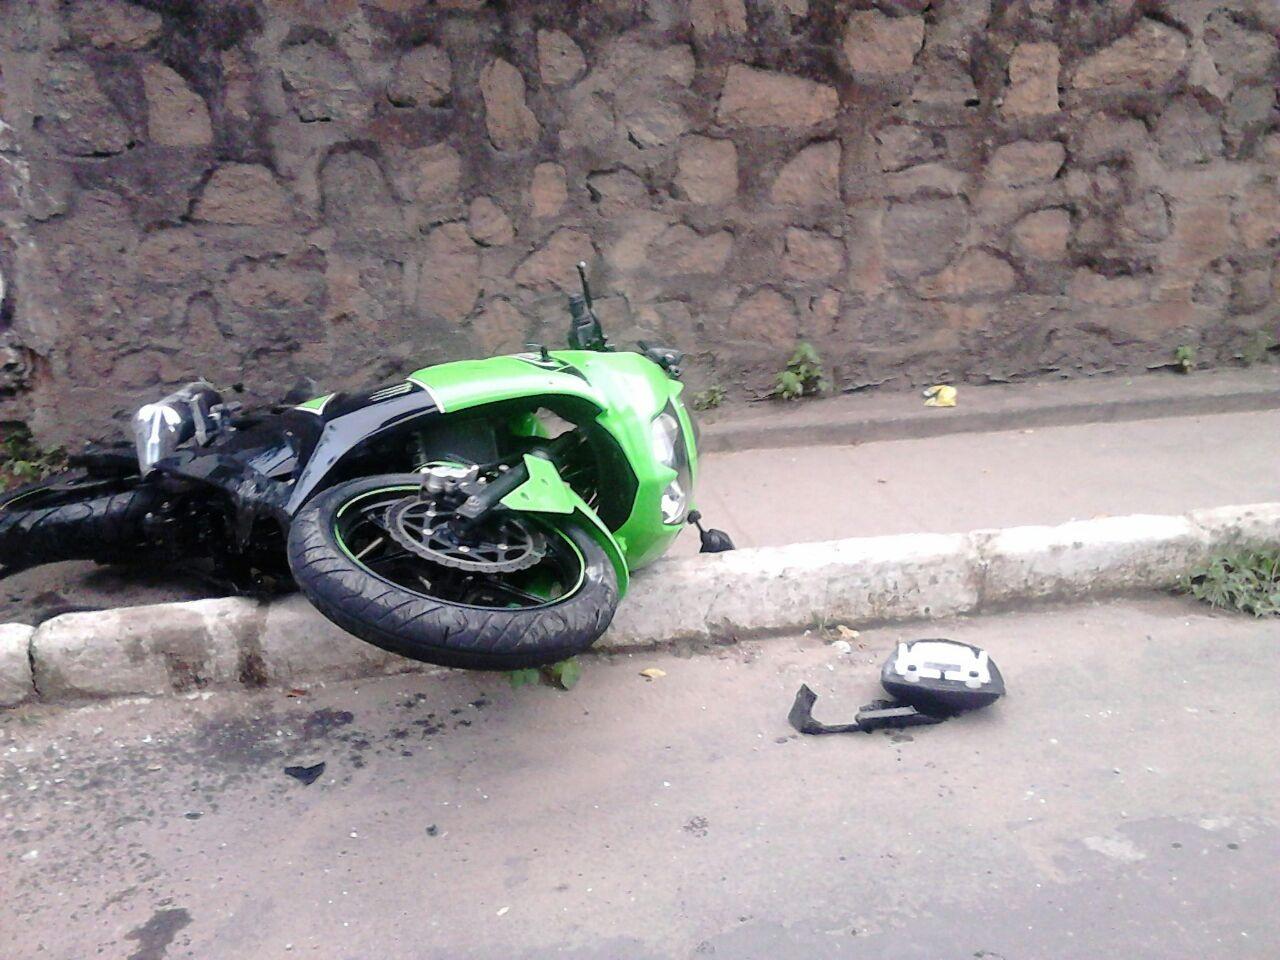 Motociclista morre em Guarapari após bater com motocicleta em muro